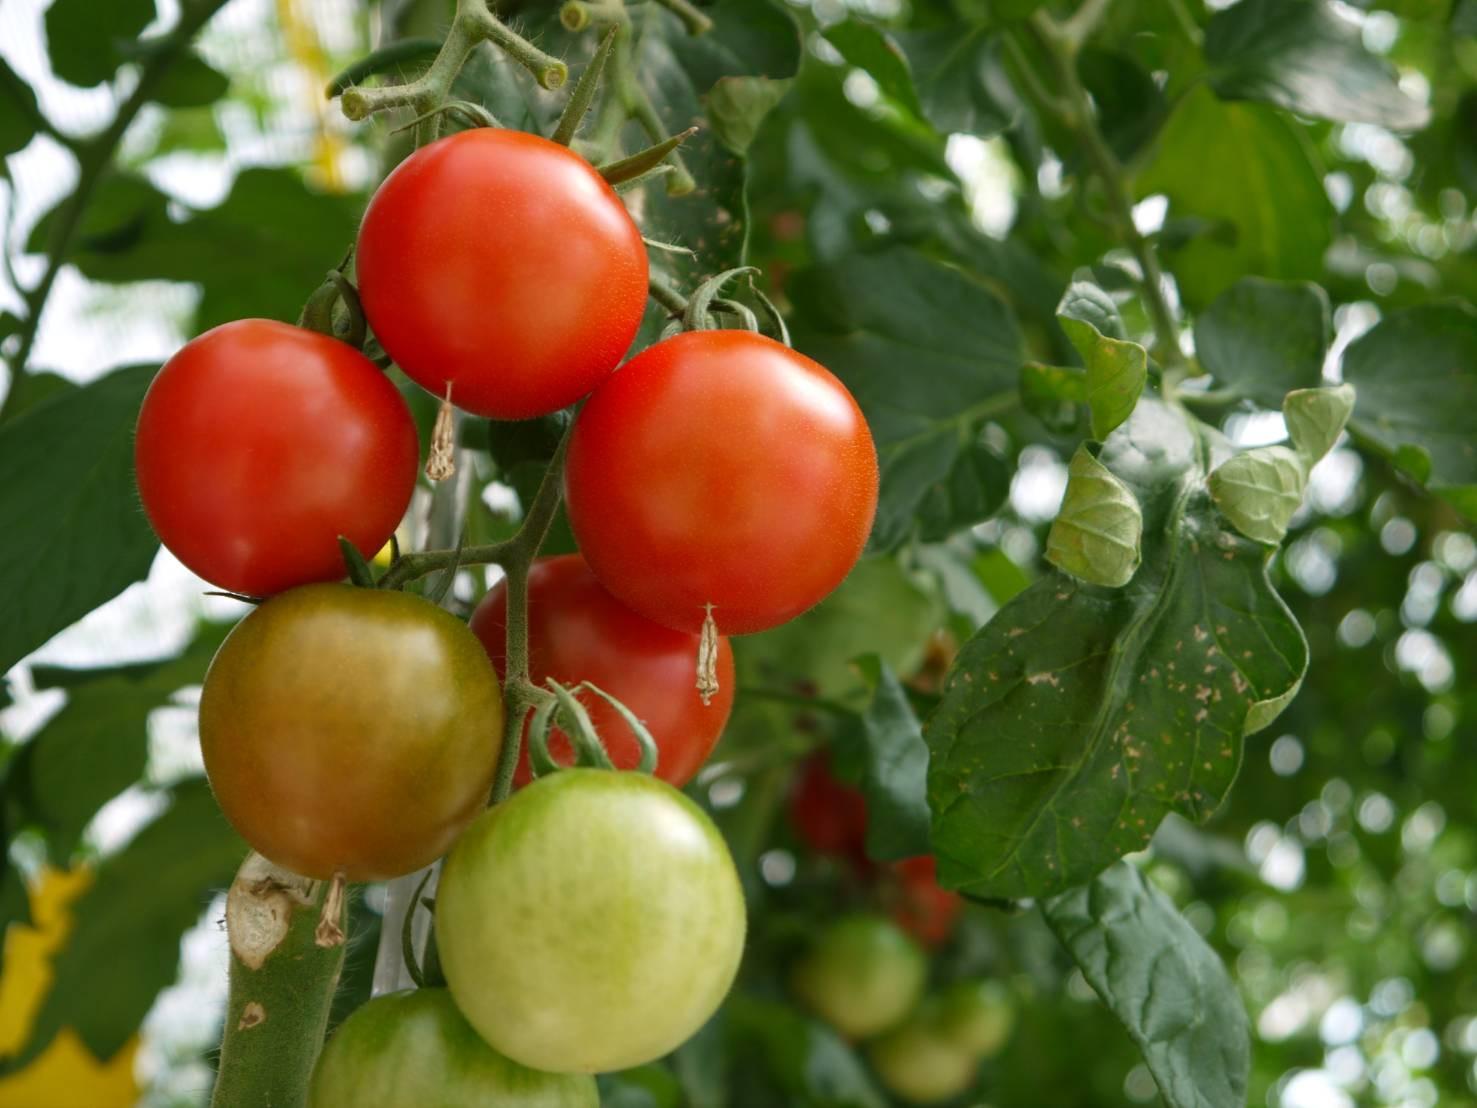 トマト農家さんのお手伝い!